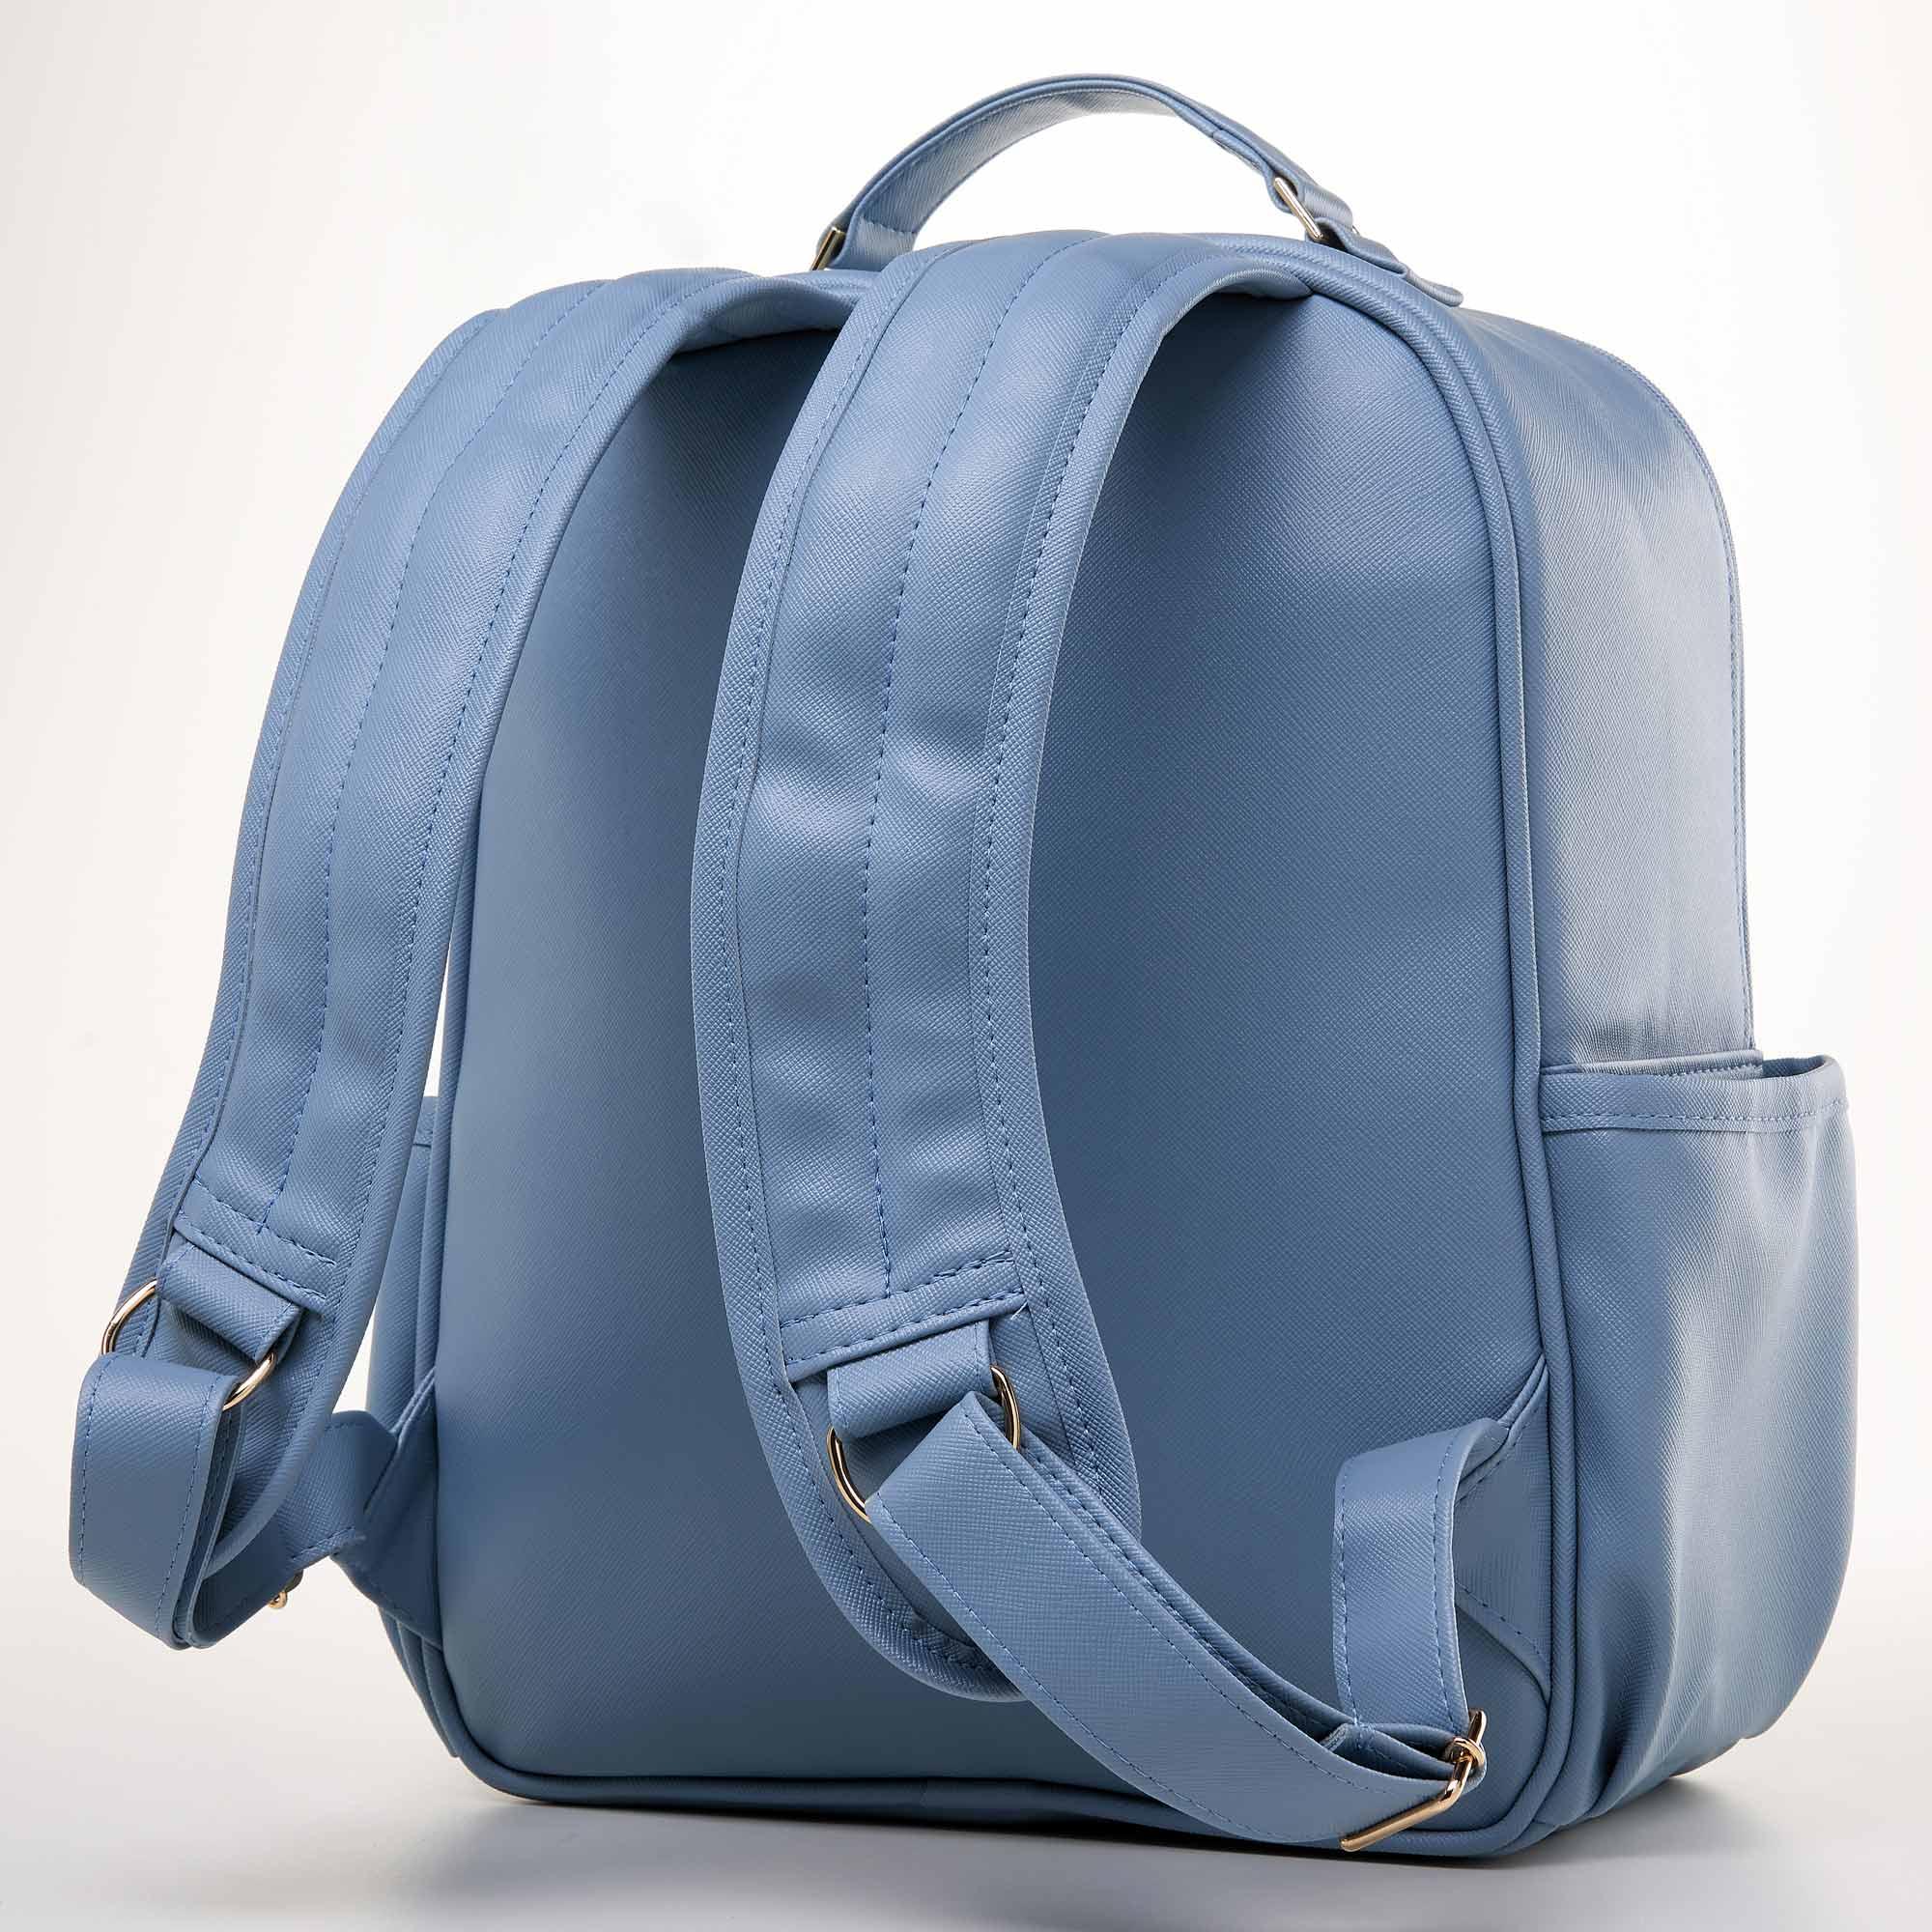 Mochila maternidade térmica azul - milão slim